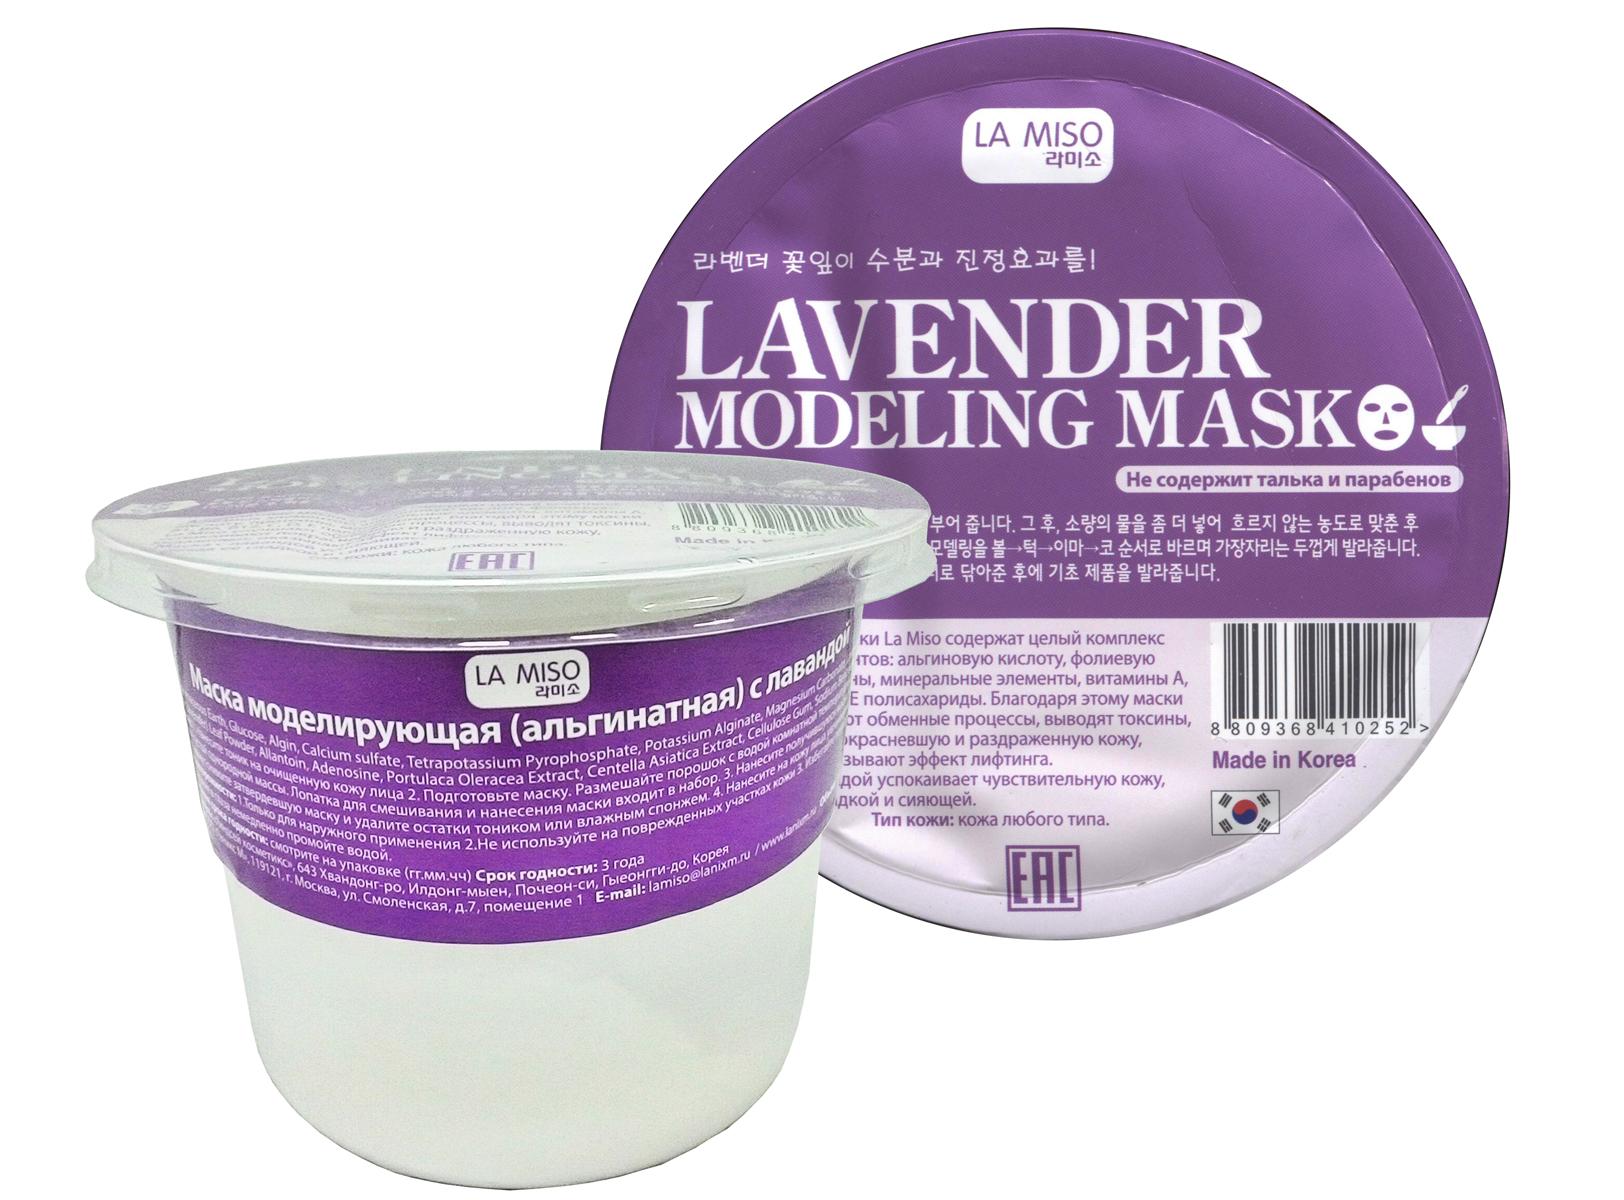 La Miso Маска моделирующая, альгинатная с лавандой, 28 г косметические маски la miso маска моделирующая альгинатная охлаждающая и успокаивающая 1000 гр